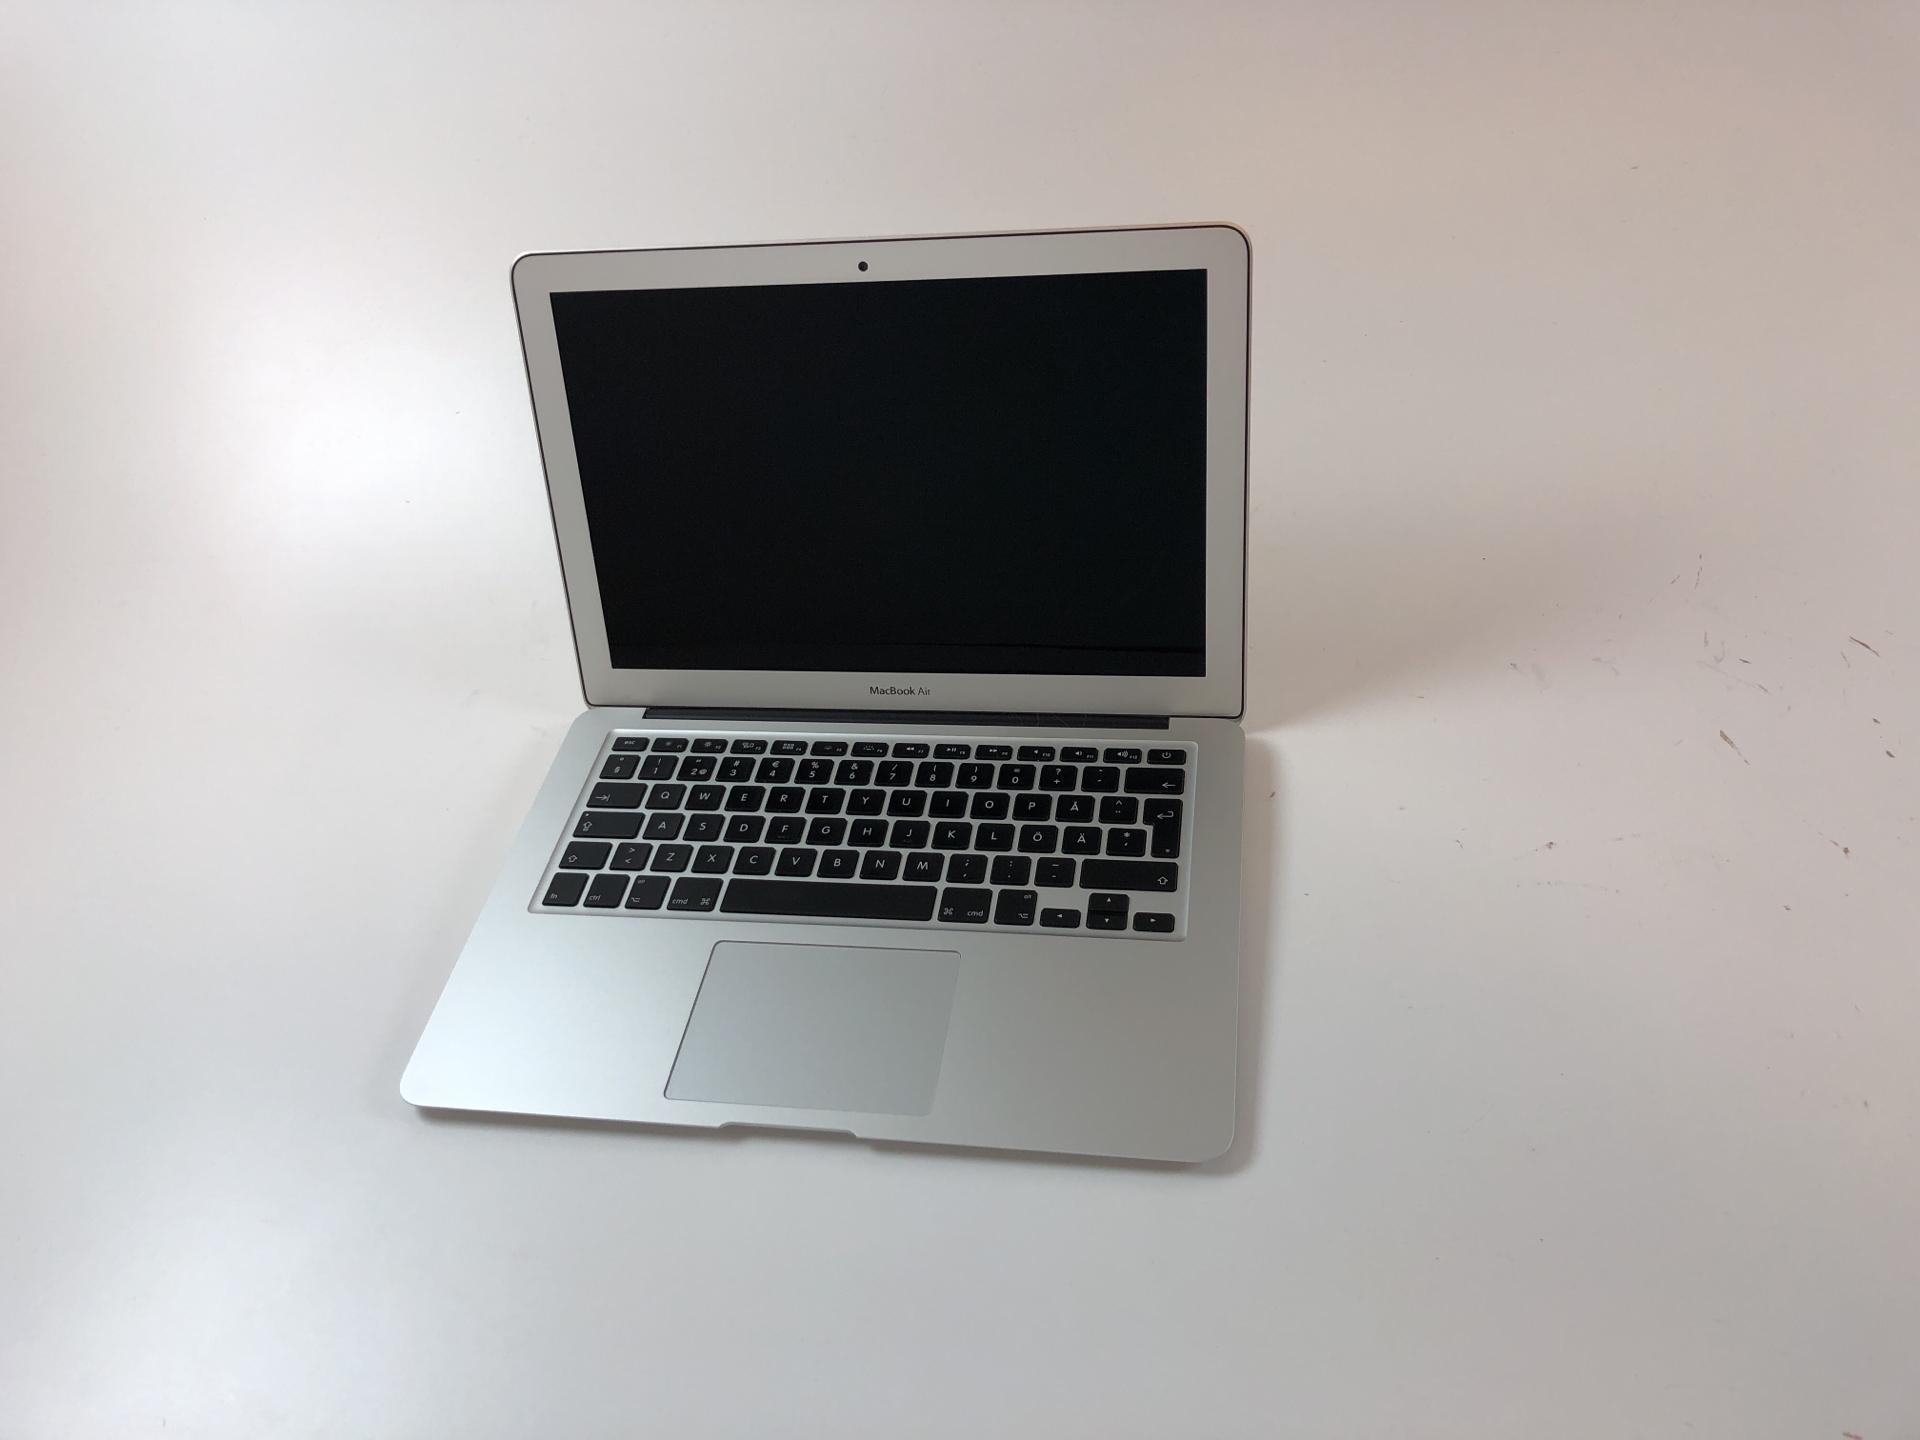 """MacBook Air 13"""" Mid 2013 (Intel Core i5 1.3 GHz 8 GB RAM 128 GB SSD), Intel Core i5 1.3 GHz, 8 GB RAM, 128 GB SSD, Kuva 1"""